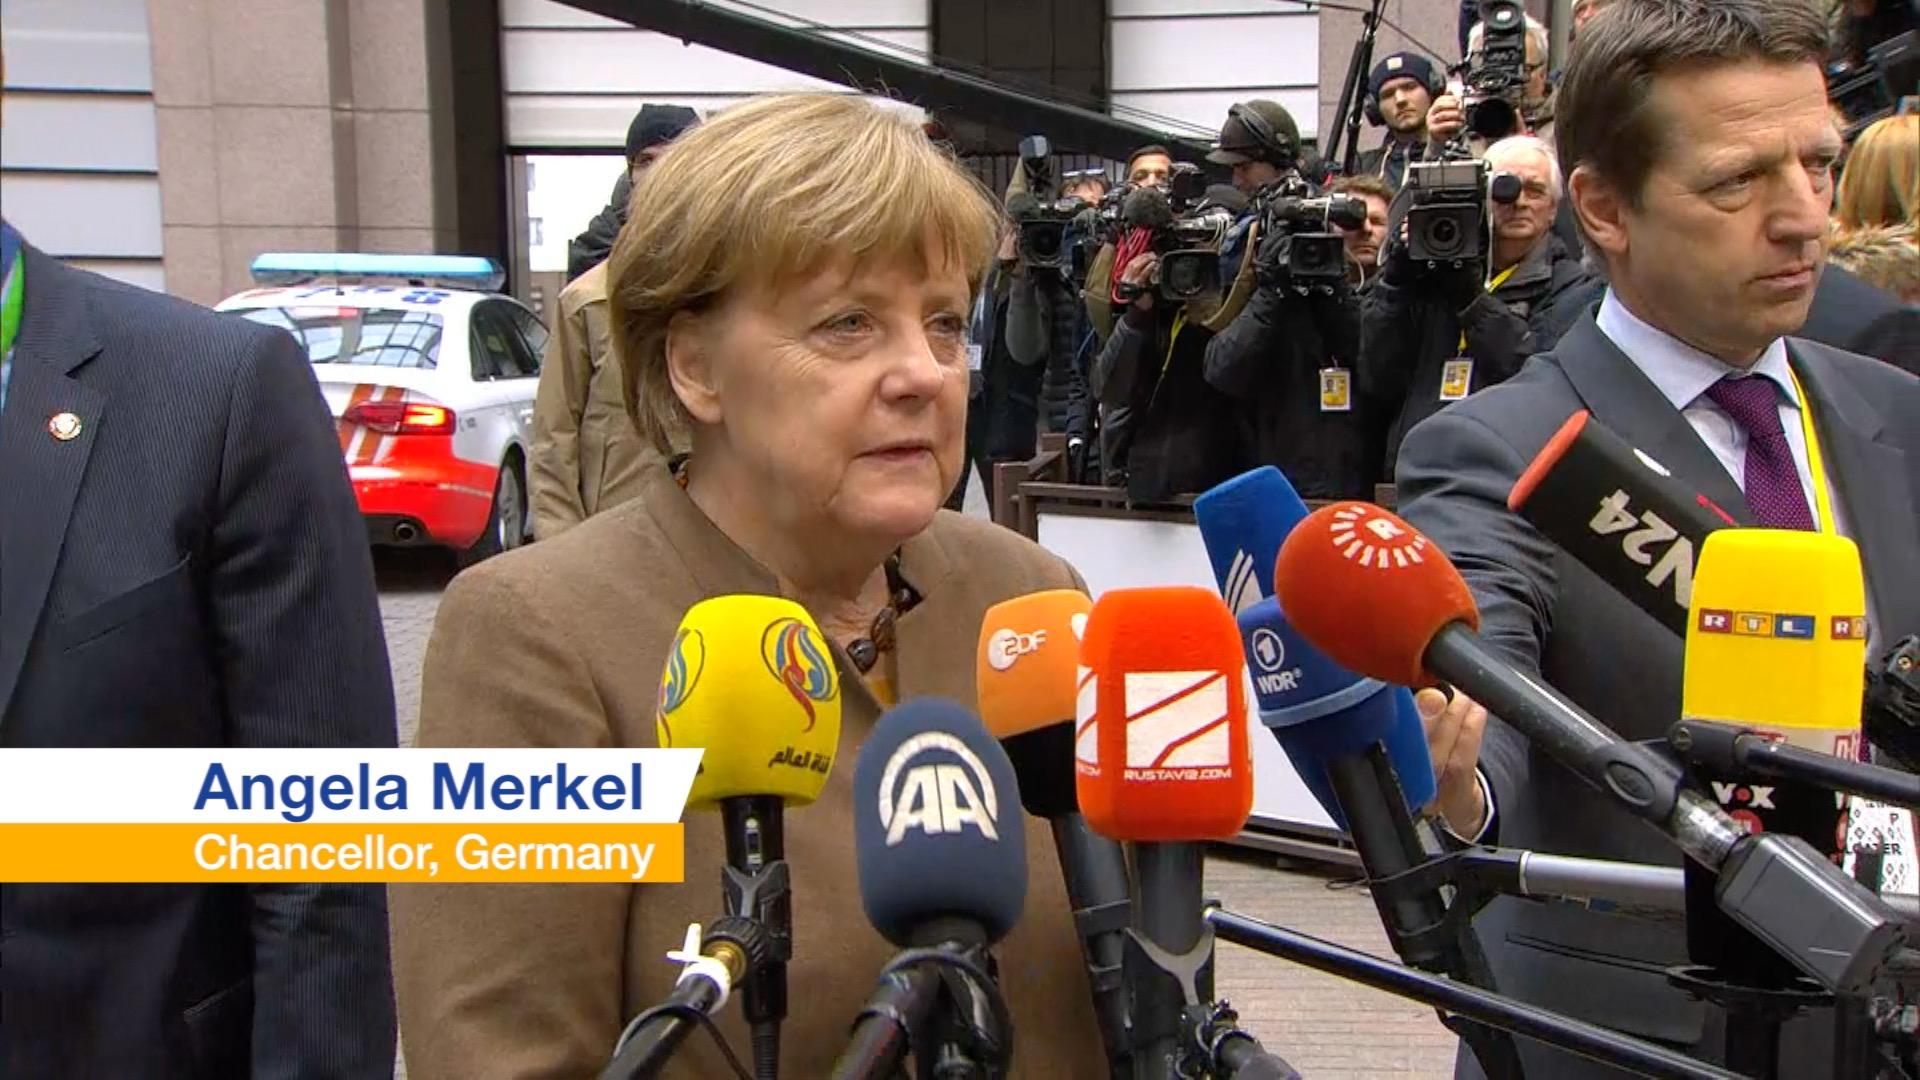 Angela Merkel on the refugee crisis.